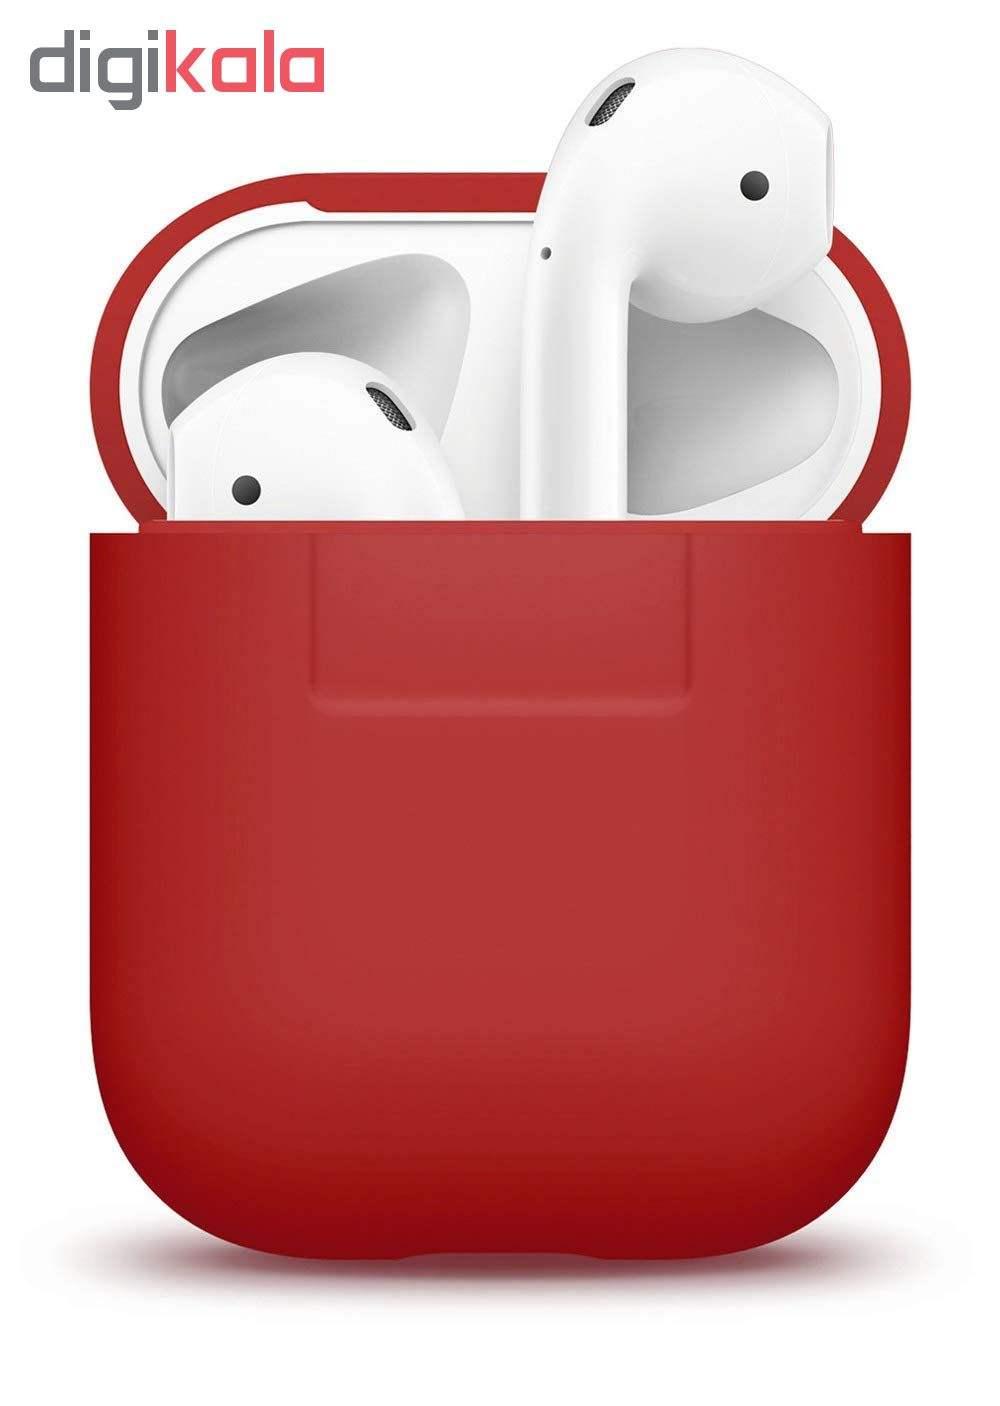 کاور محافظ سیلیکونی الاگو مناسب برای کیس هدفون اپل AirPods main 1 7